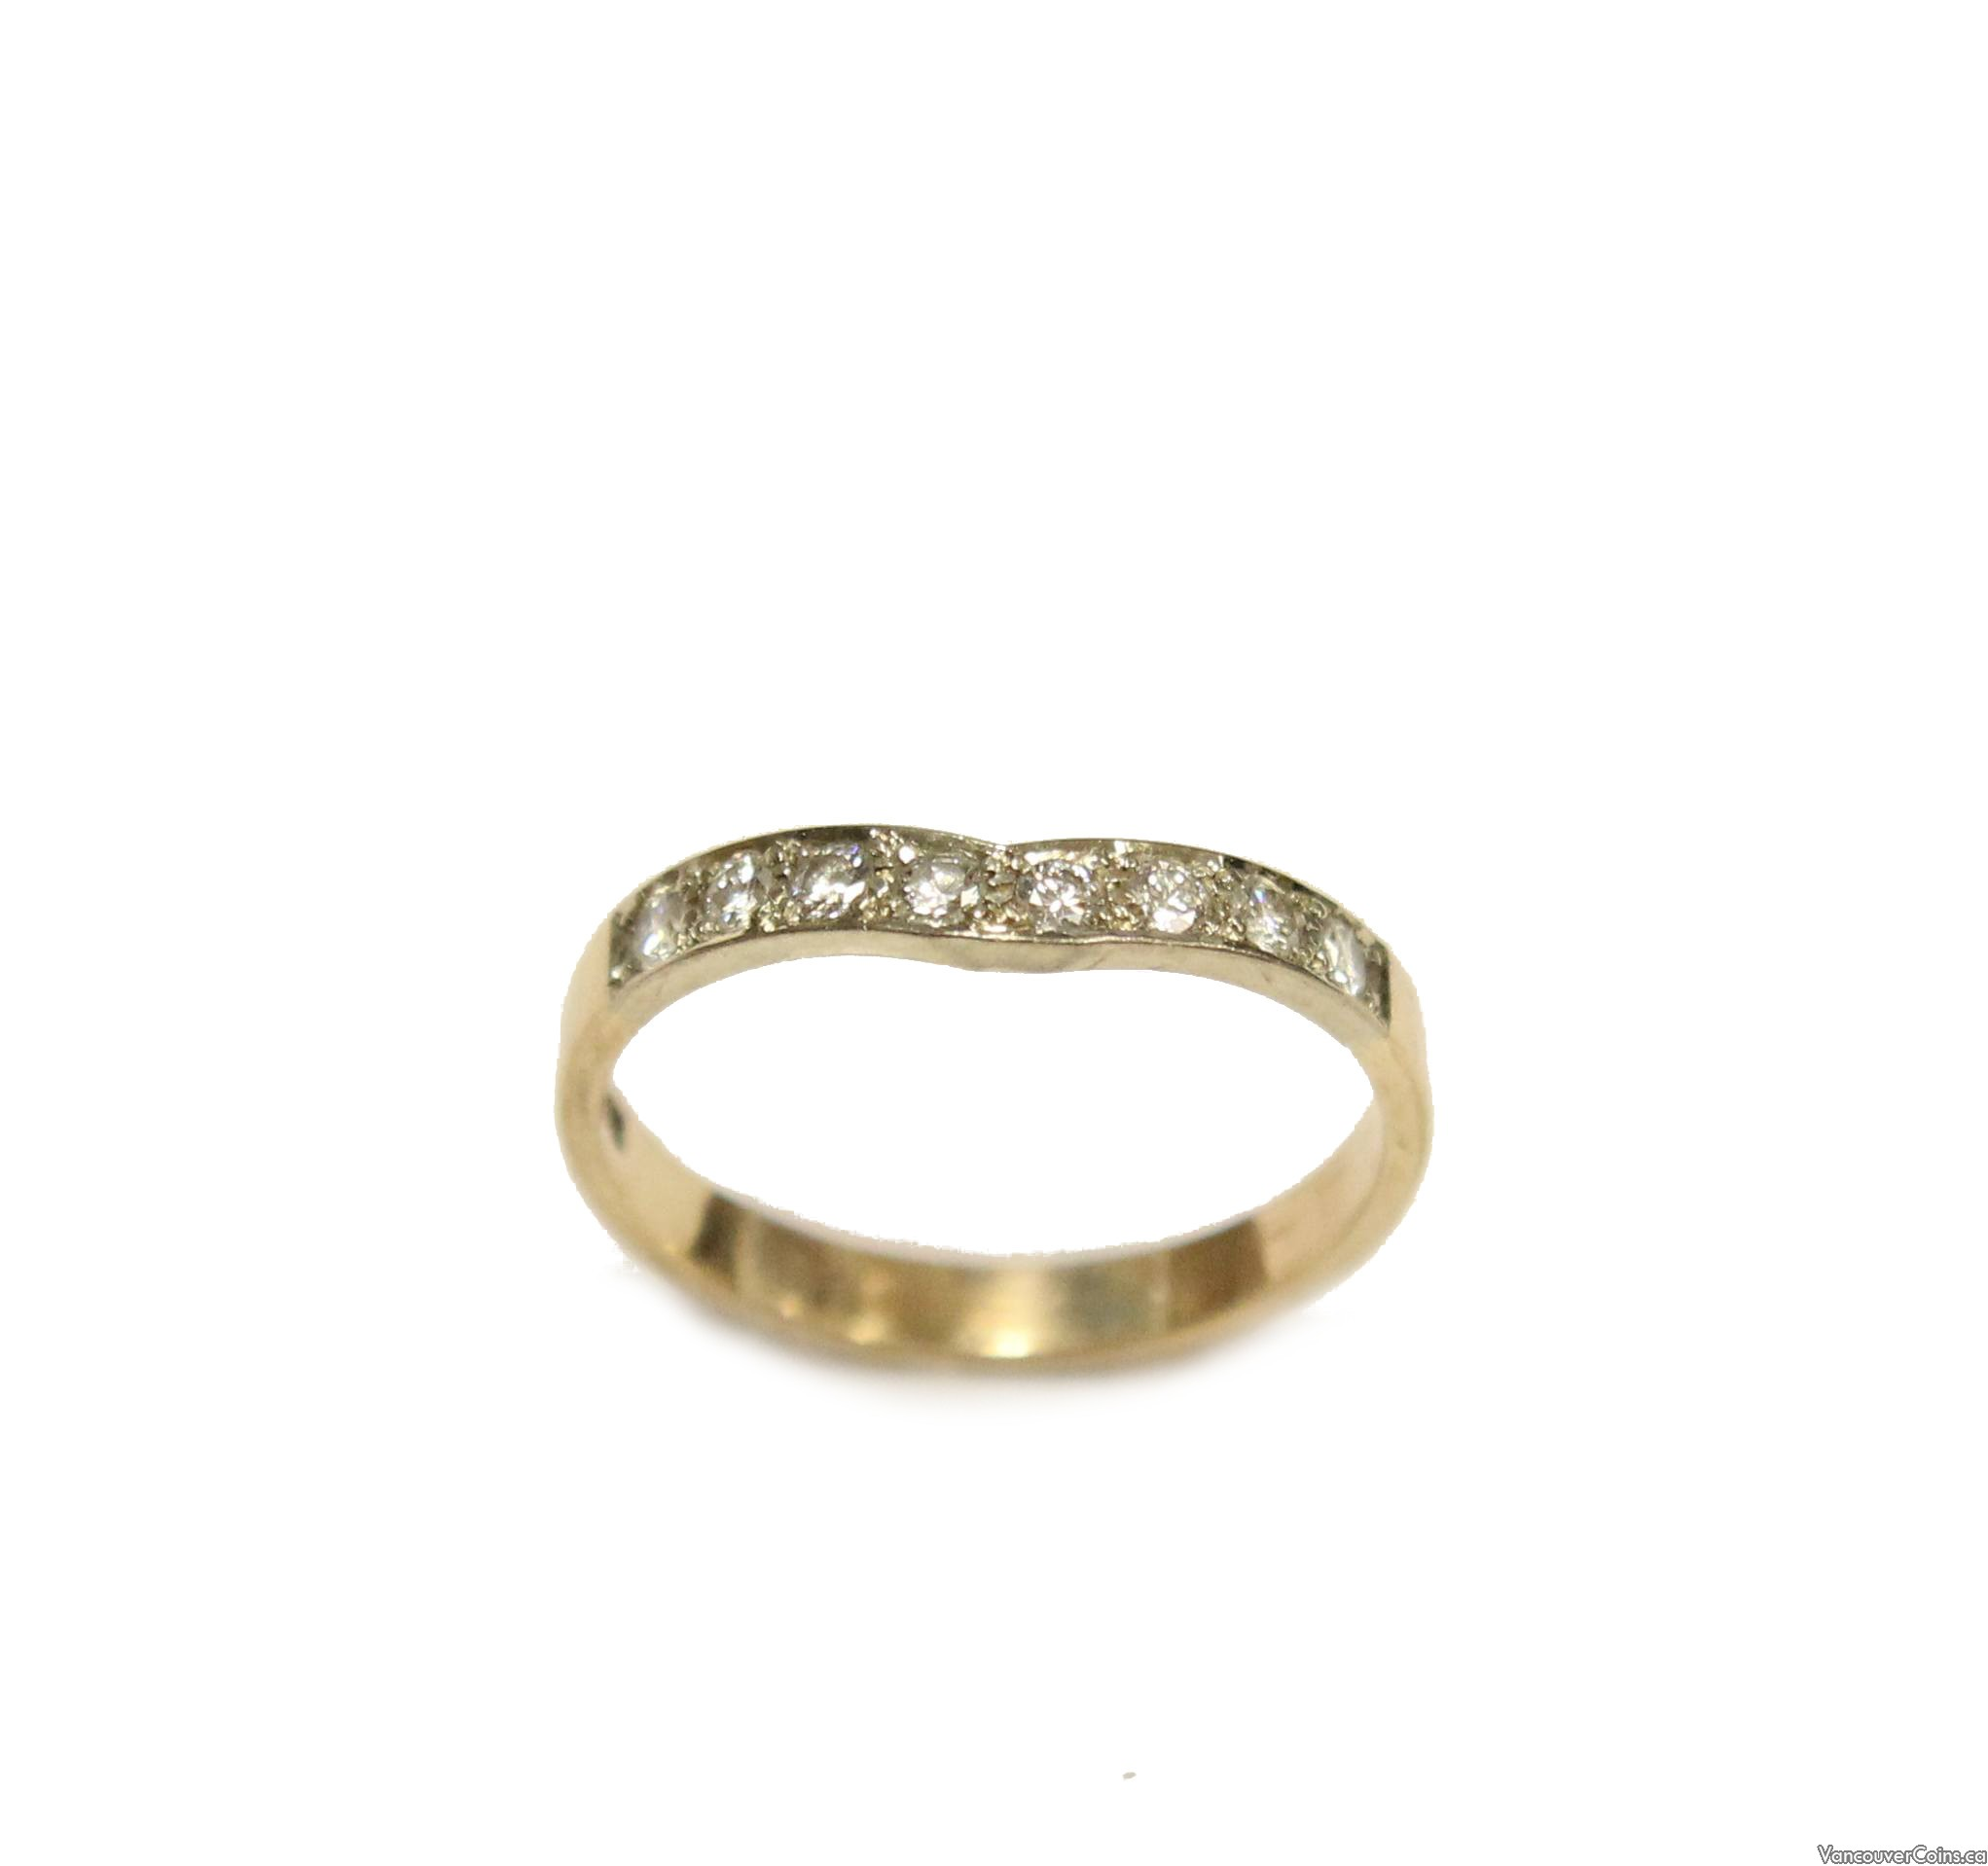 14K yellow & white Gold VS2 .24 ct Diamond Ring